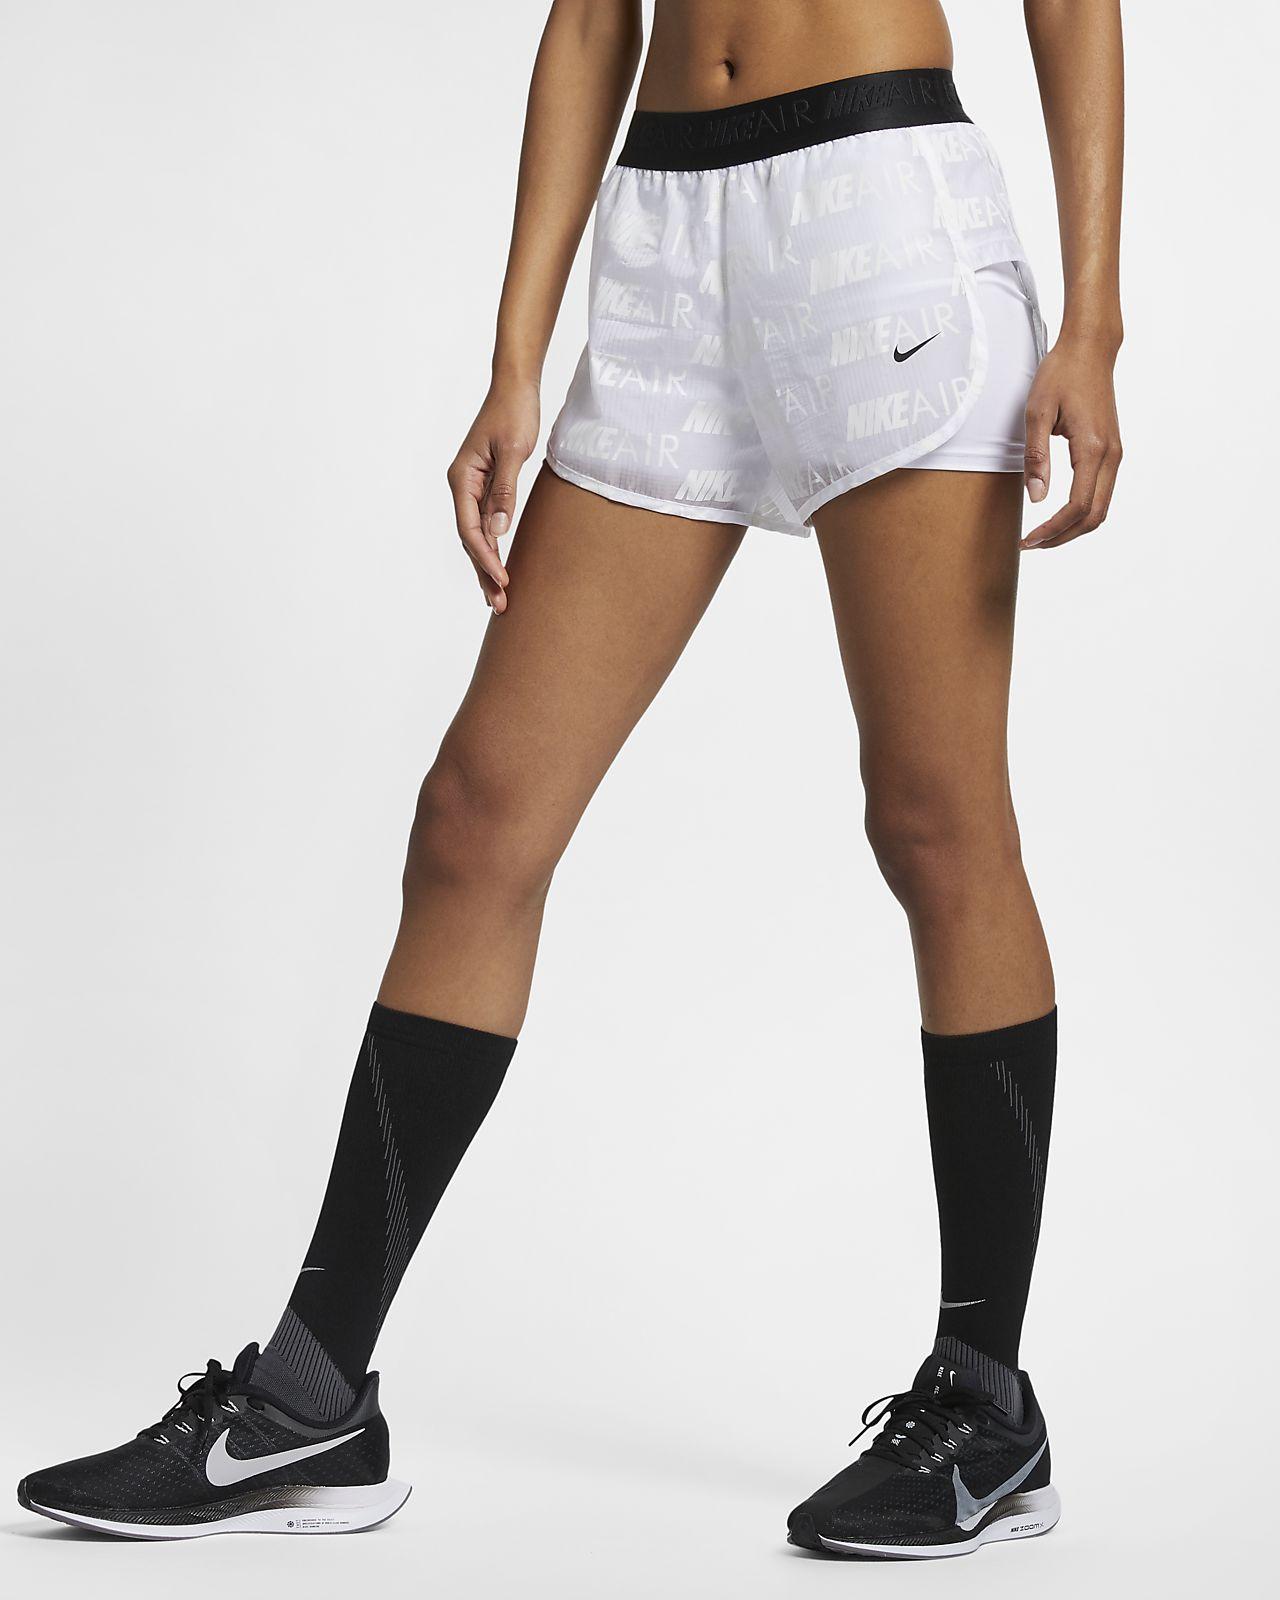 Nike Air 女子跑步短裤